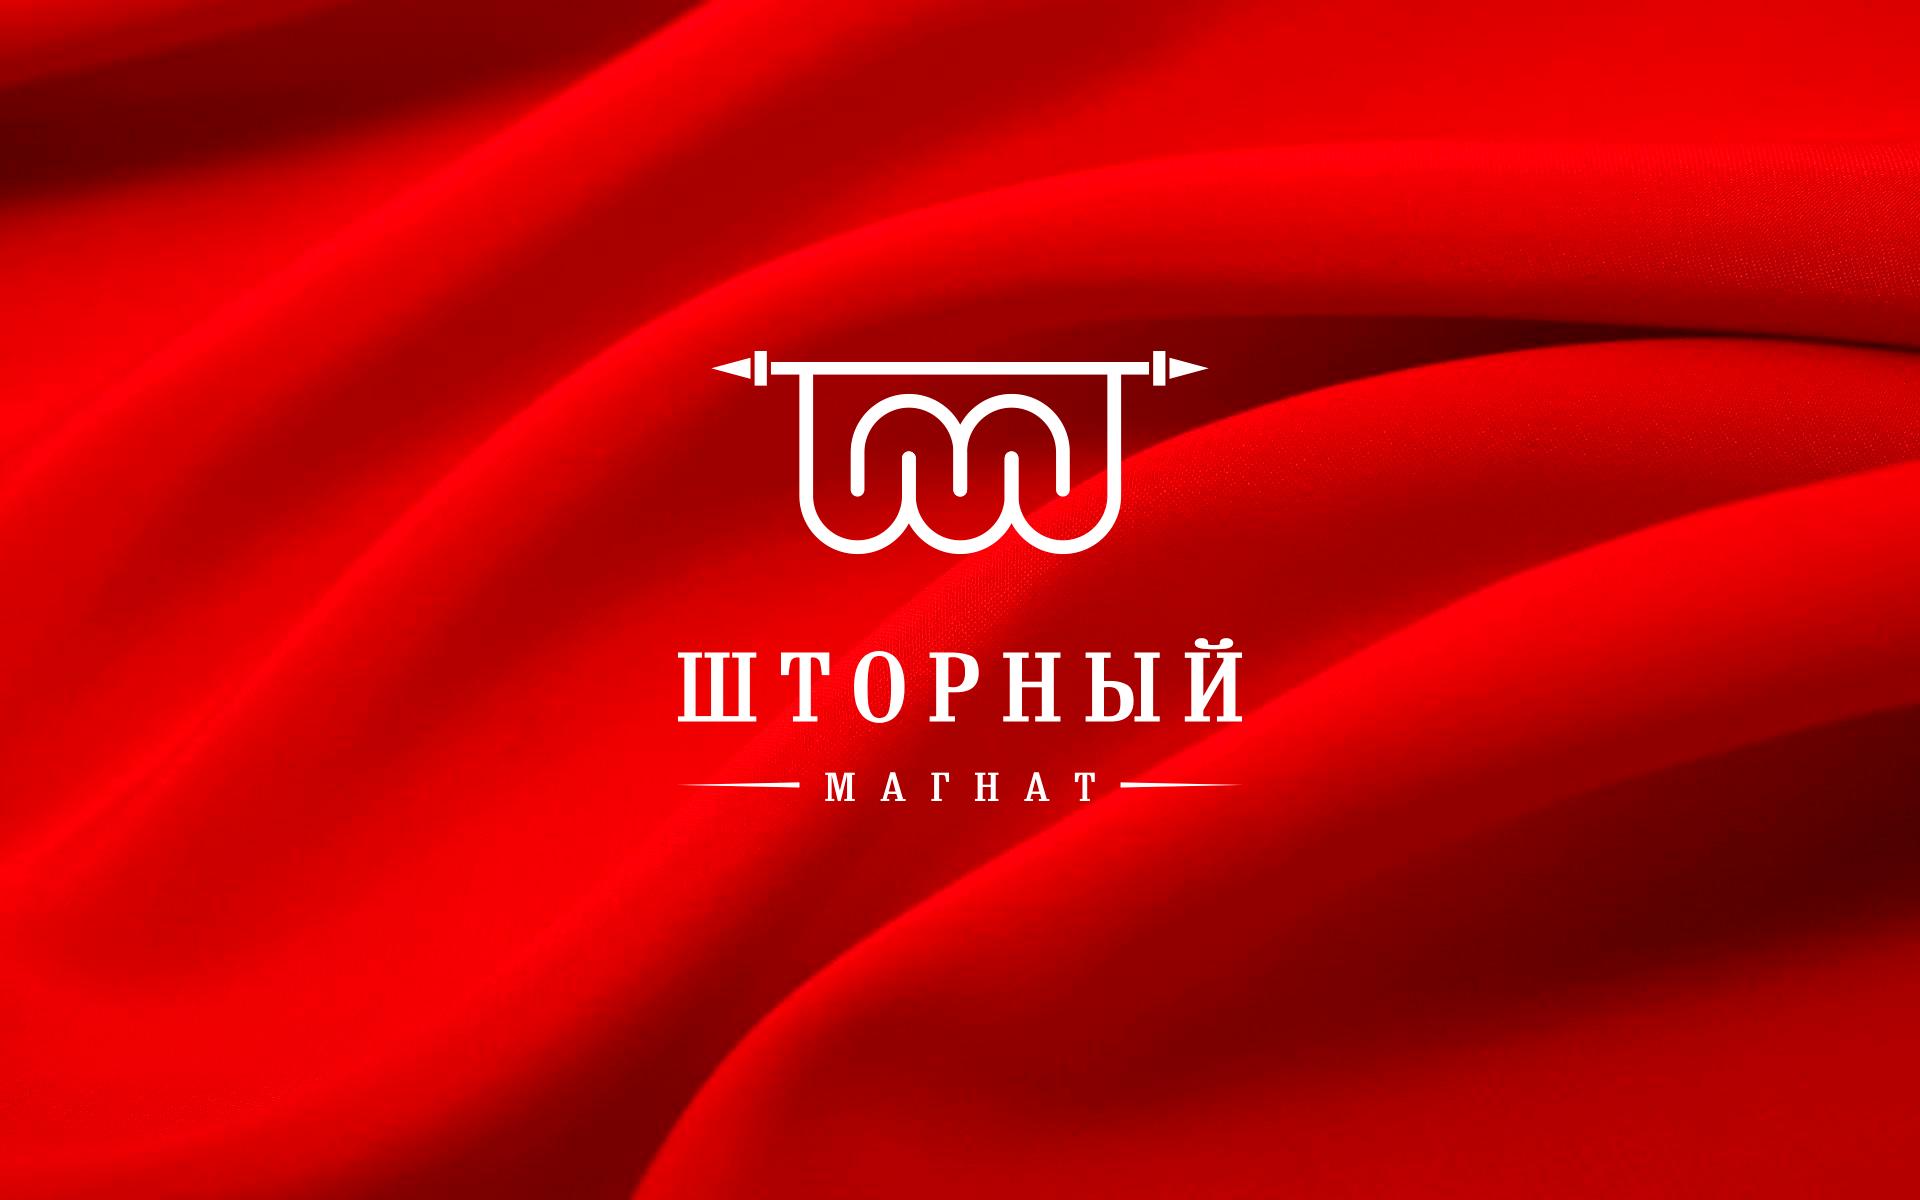 Логотип и фирменный стиль для магазина тканей. фото f_6275cd6fa7988b0f.png